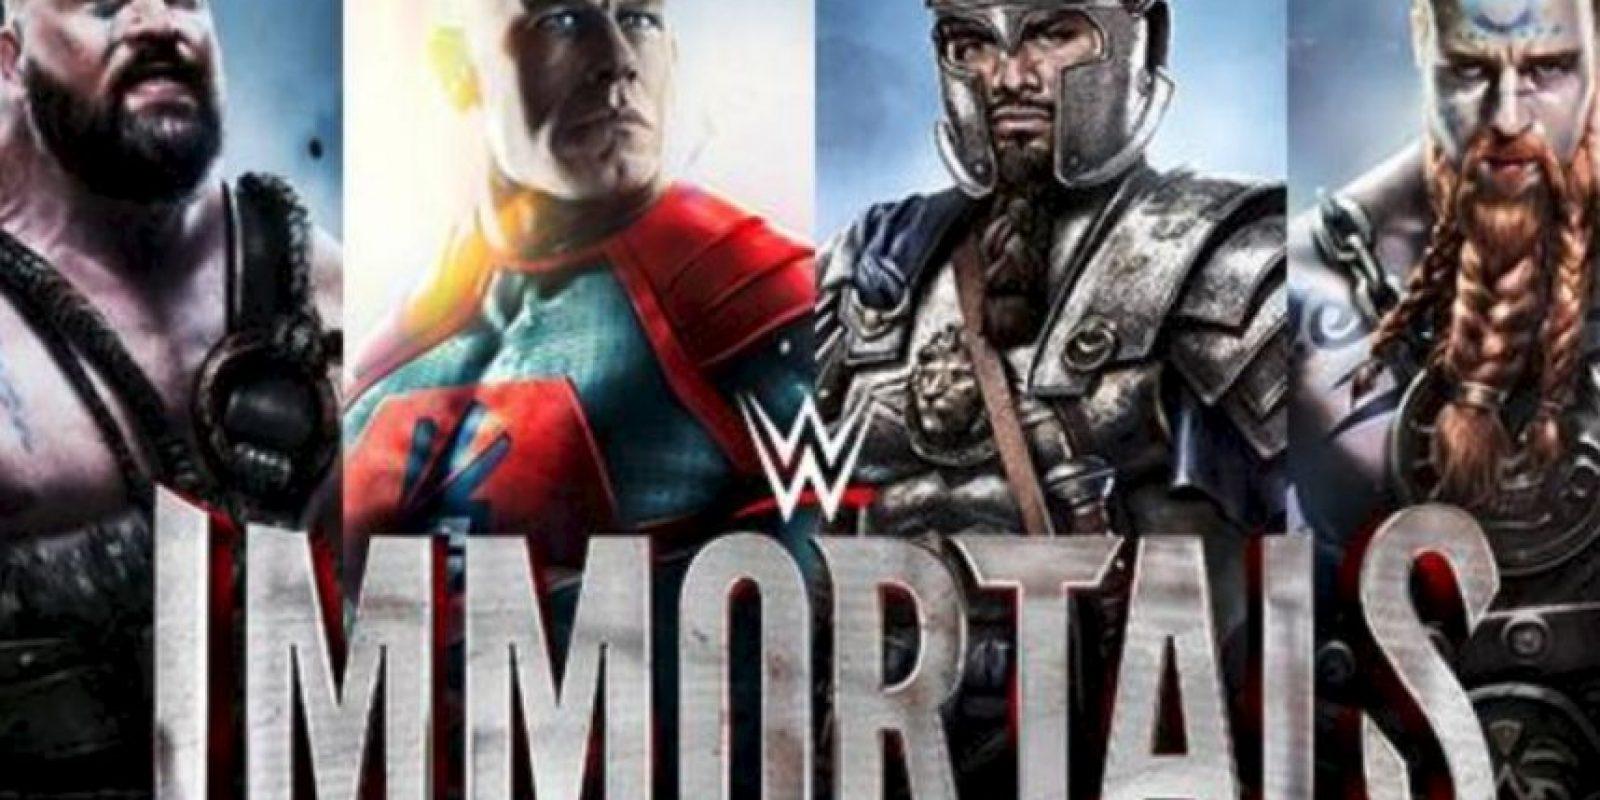 El próximo 15 de enero se estrena un nuevo videojuego de la empresa del entretenimiento deportivo Foto:WWE